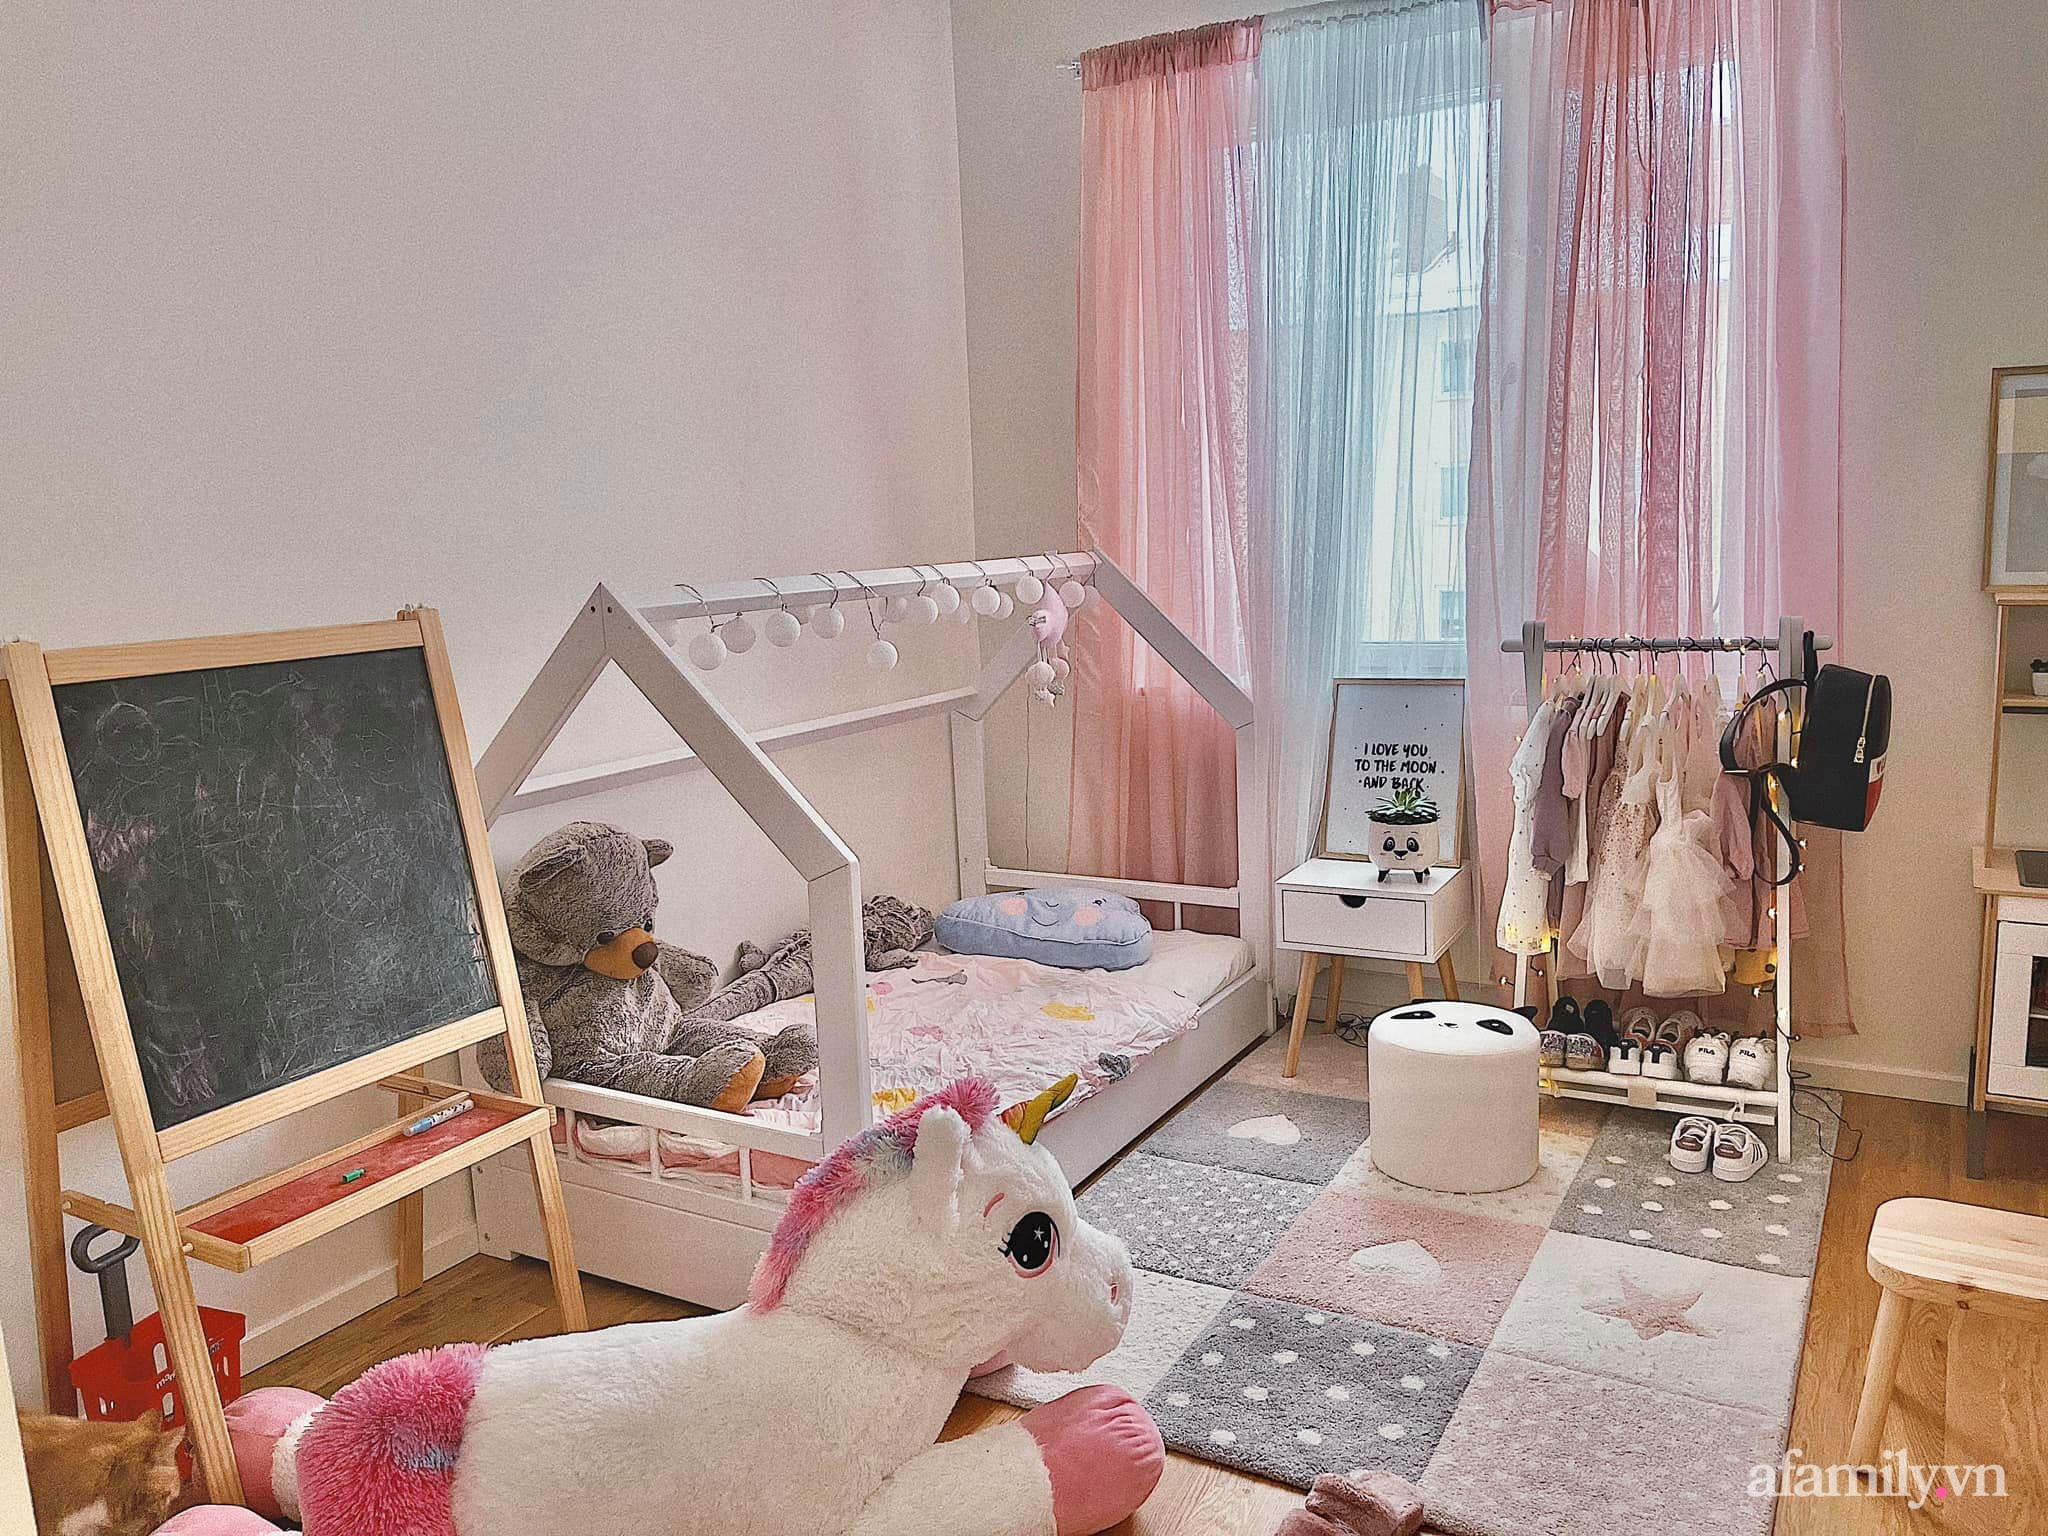 """Căn phòng màu hồng ngọt ngào """"lịm tim"""" bố mẹ thiết kế dành tặng con gái 3 tuổi - Ảnh 8."""